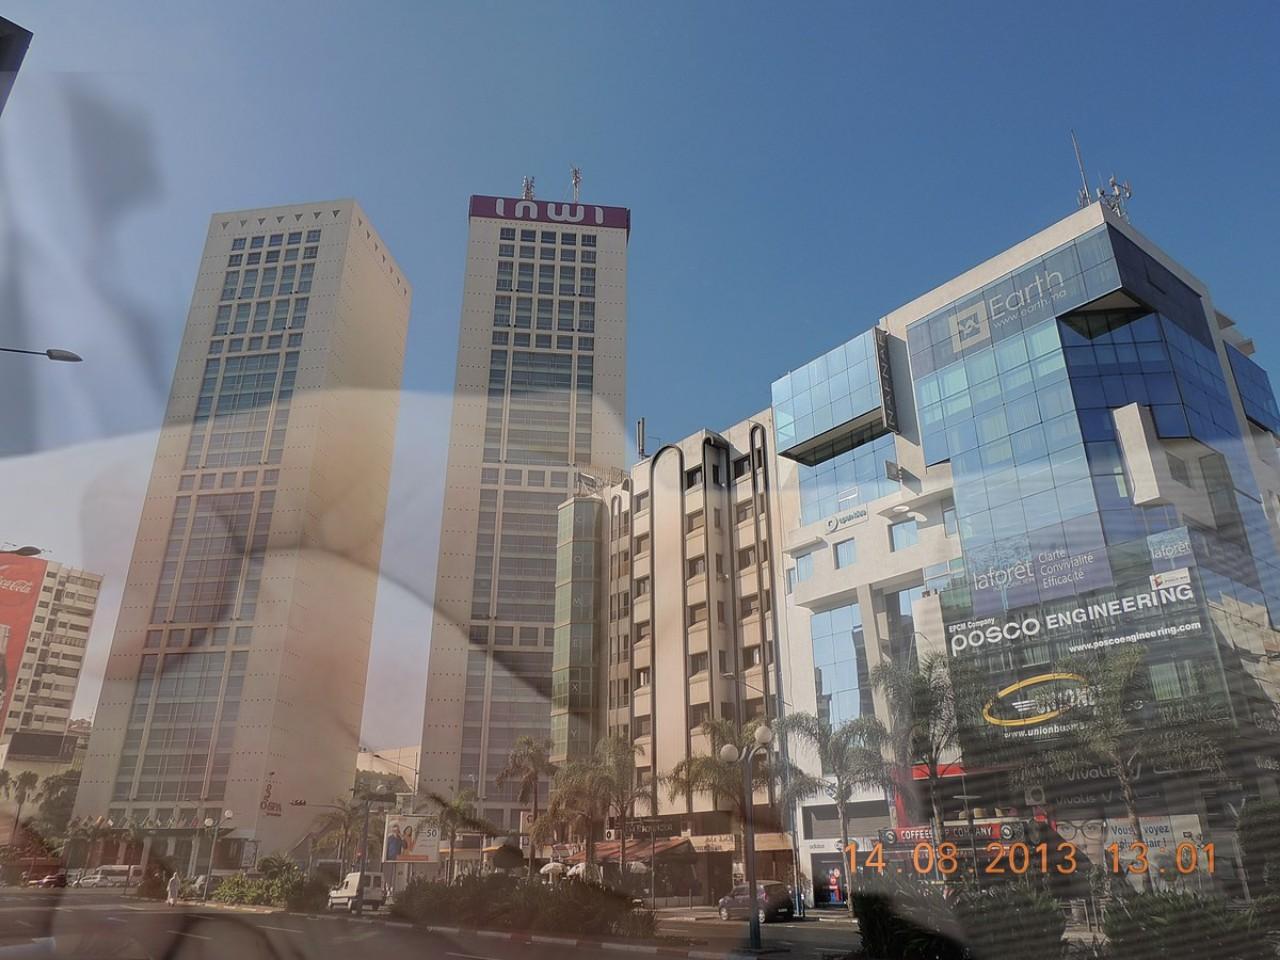 المغرب ثاني أكثر البلدان جذبا للاستثمارات في إفريقيا